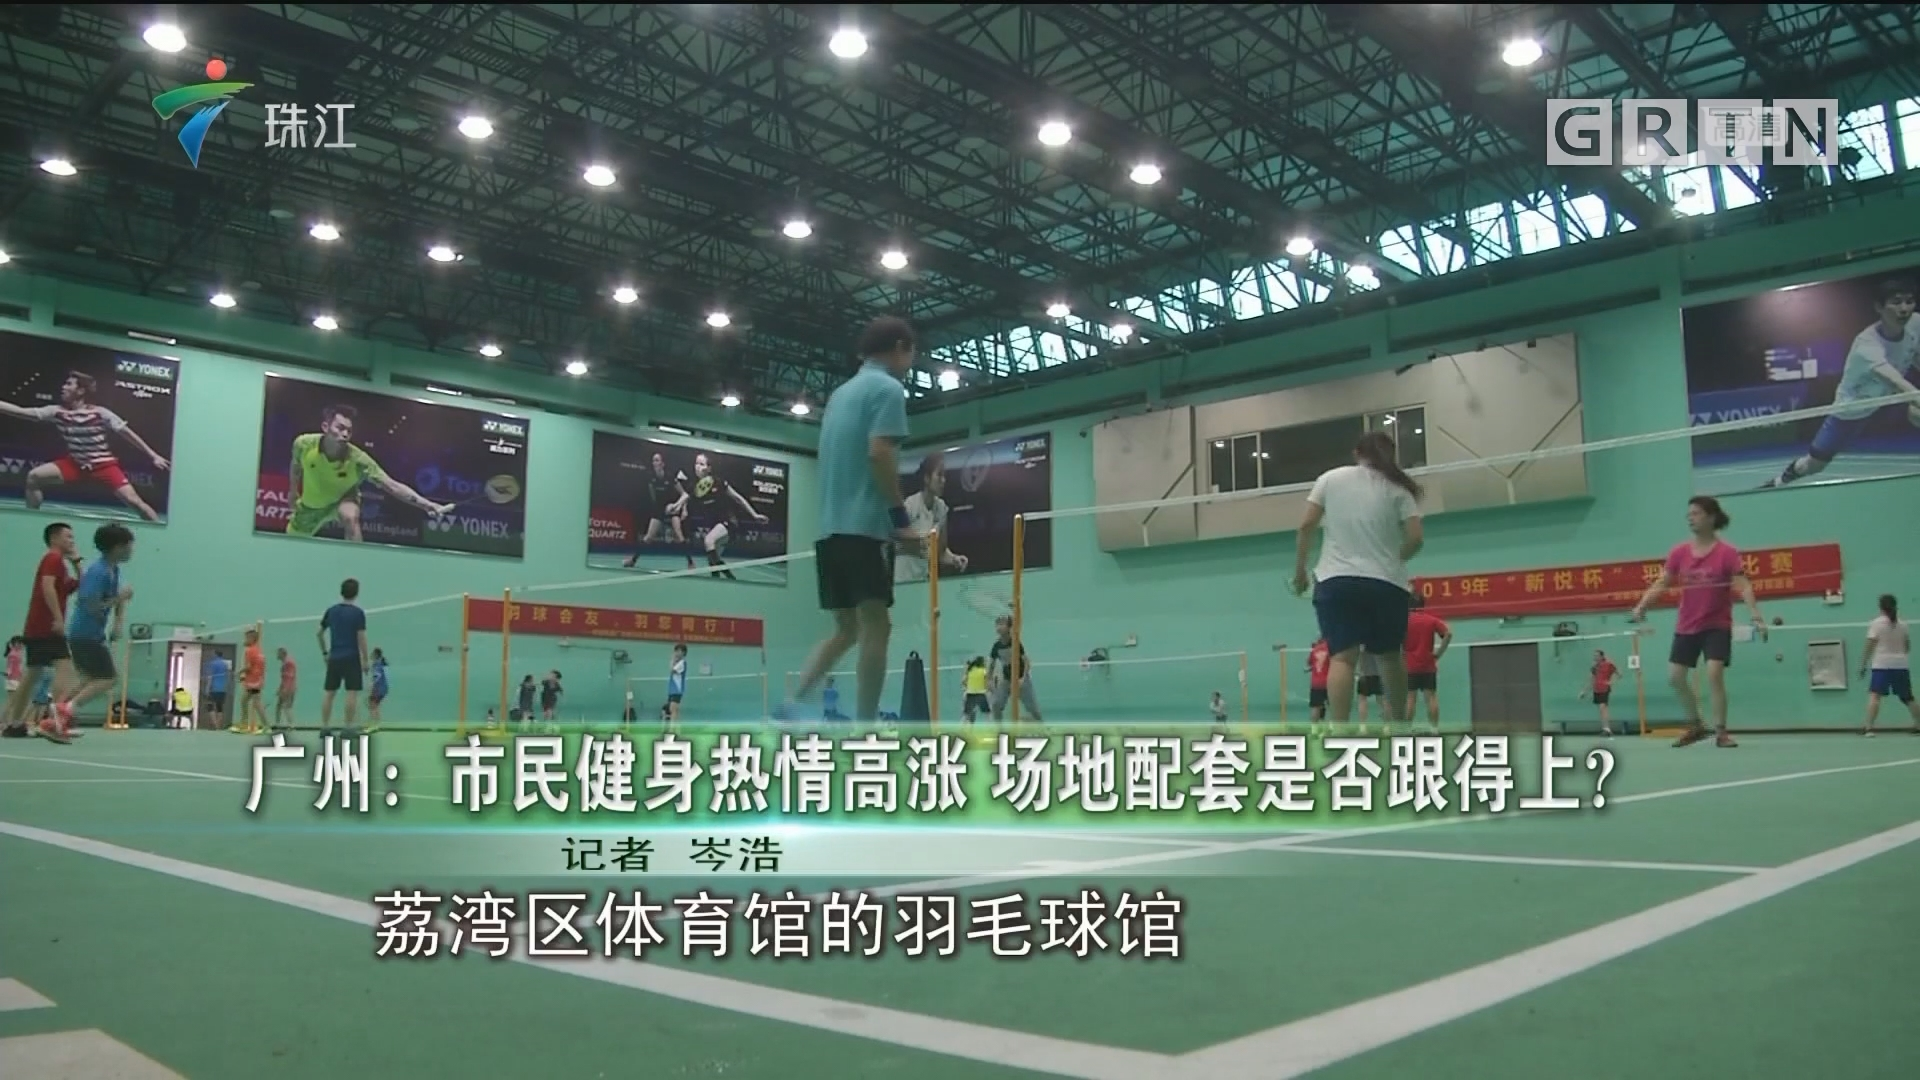 广州:市民健身热情高涨 场地配套是否跟得上?